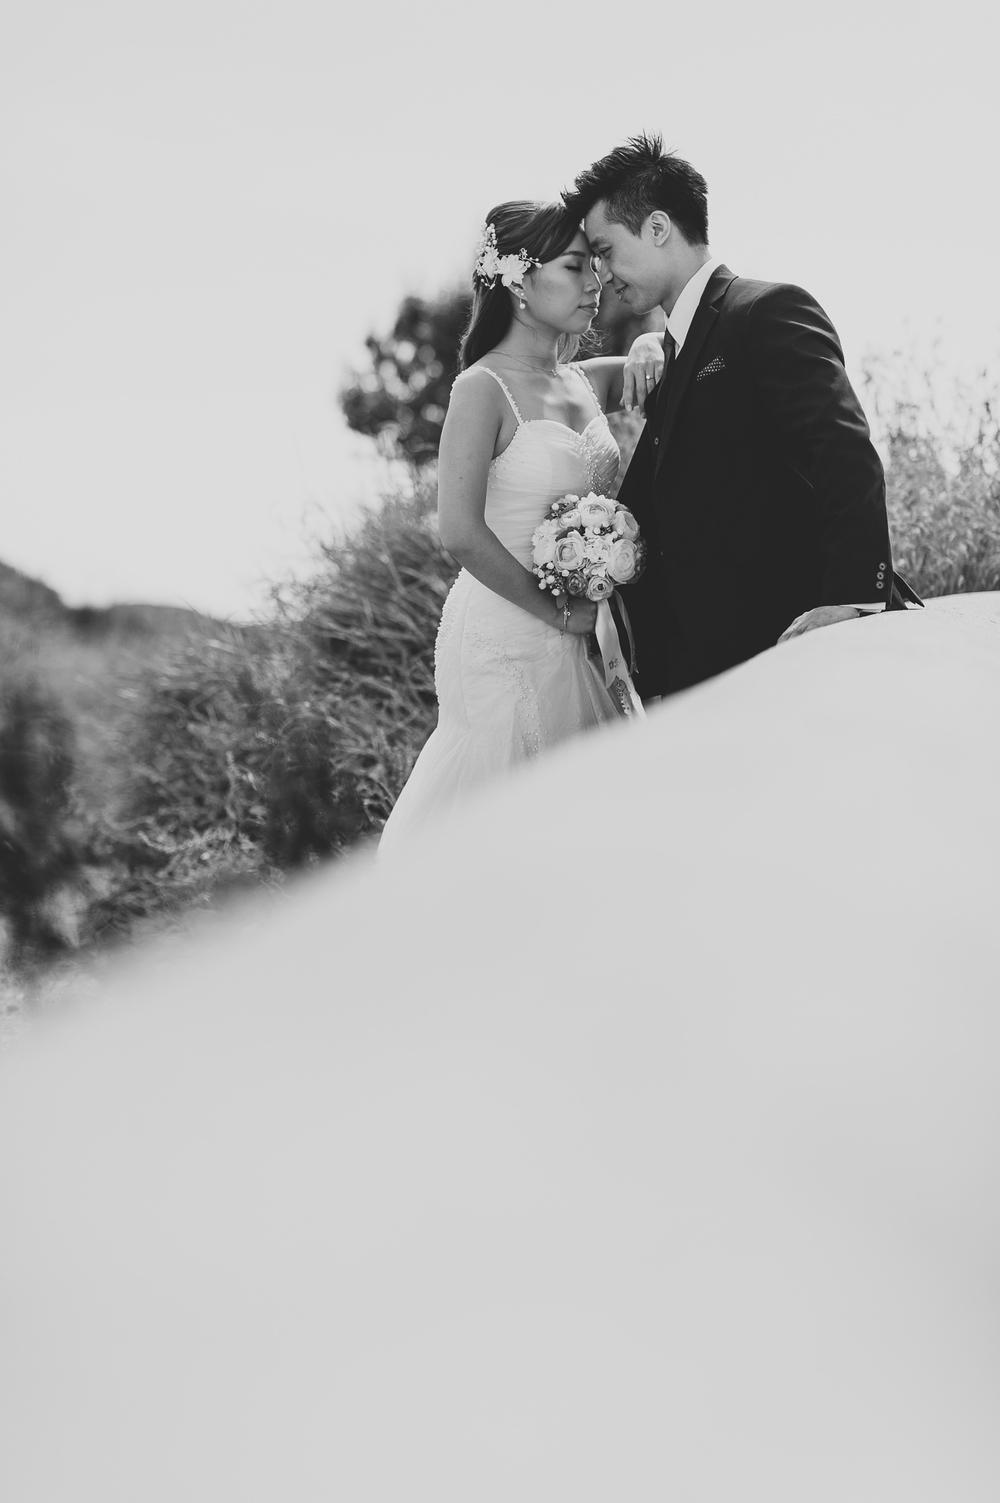 Wedding Photography Dublin Howth Bull Island Daphne and Stuart 018.JPG